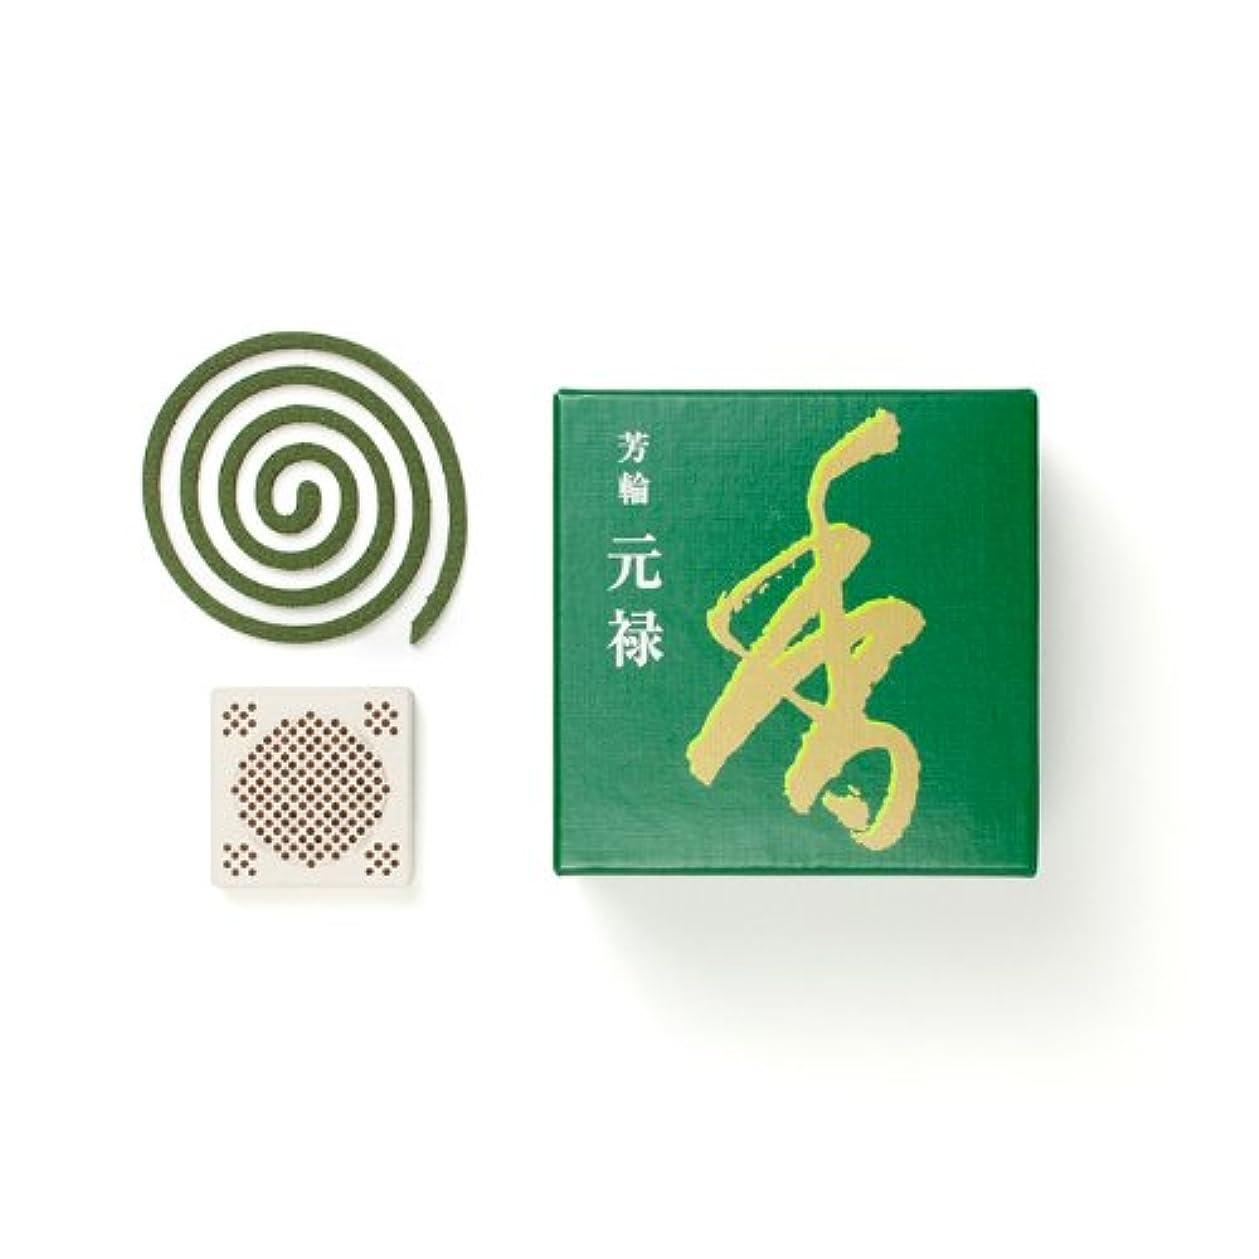 ドラッグ単独で古代松栄堂のお香 芳輪元禄 渦巻型10枚入 うてな角型付 #210321